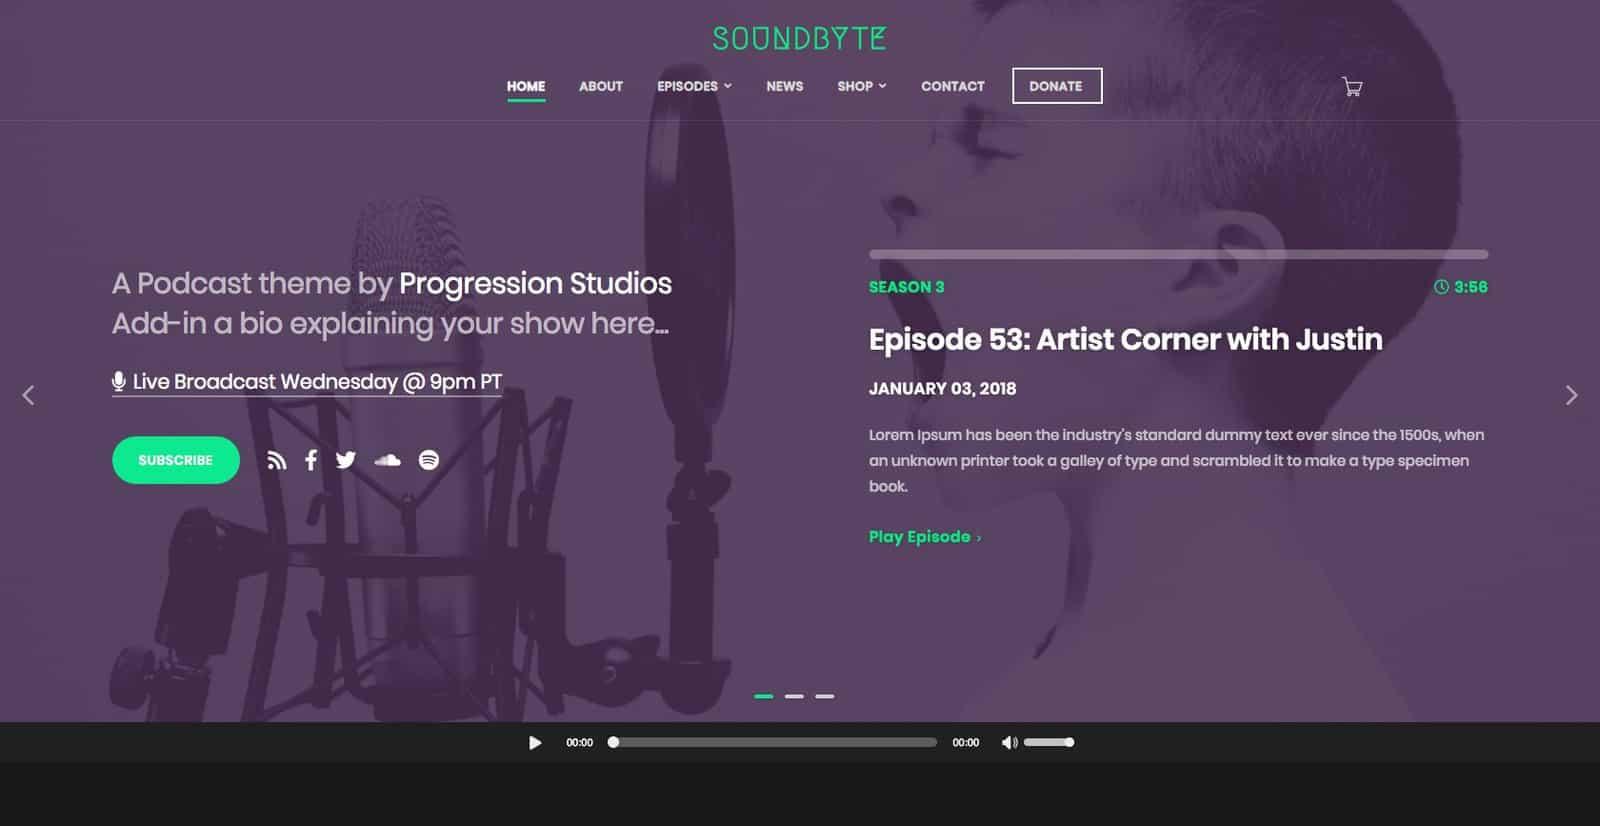 Soundbyte theme